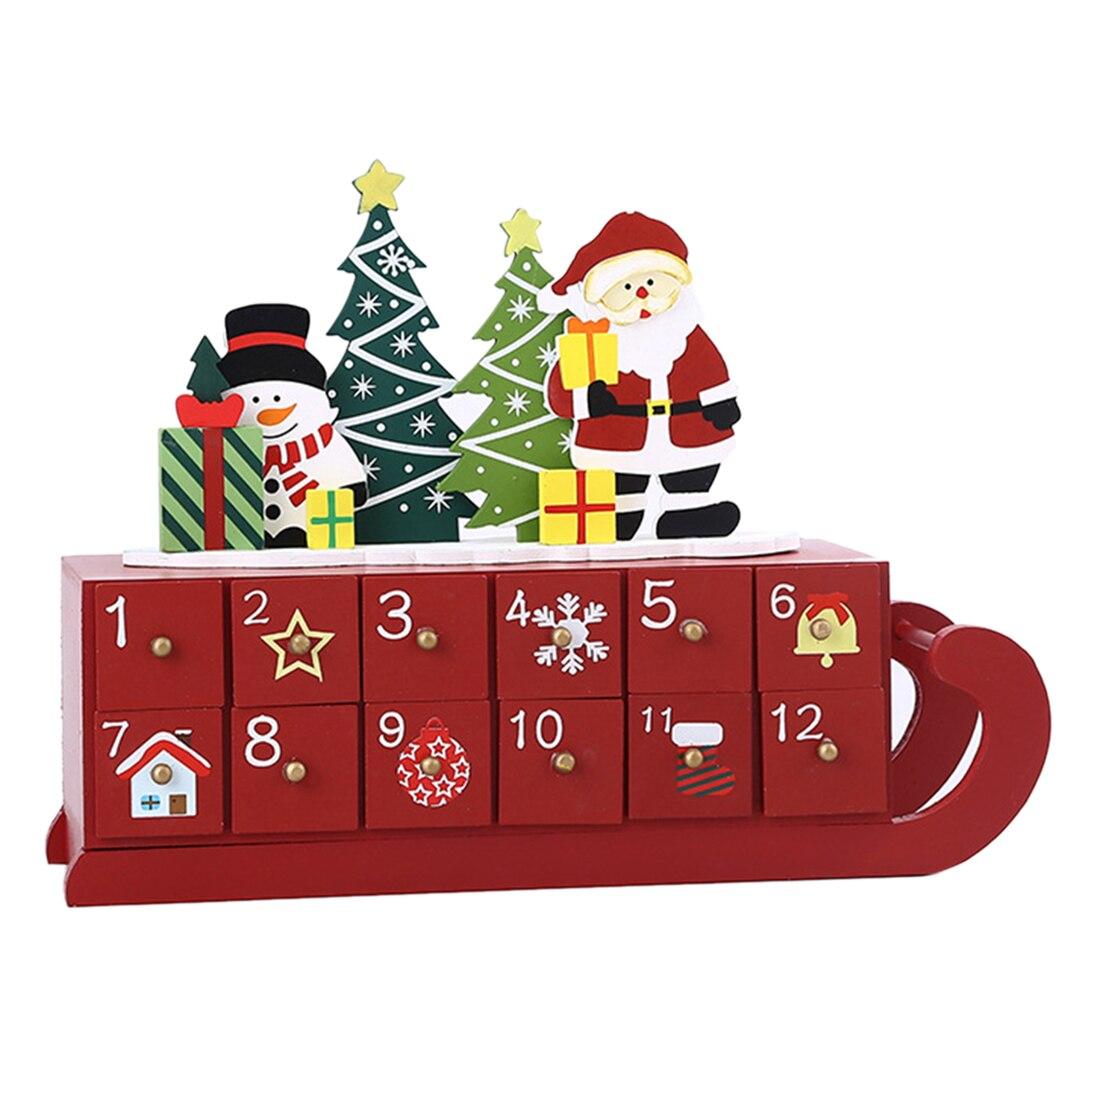 Рождественский календарь с обратным отсчетом, деревянный шкаф с датой, ящик для хранения календаря сани